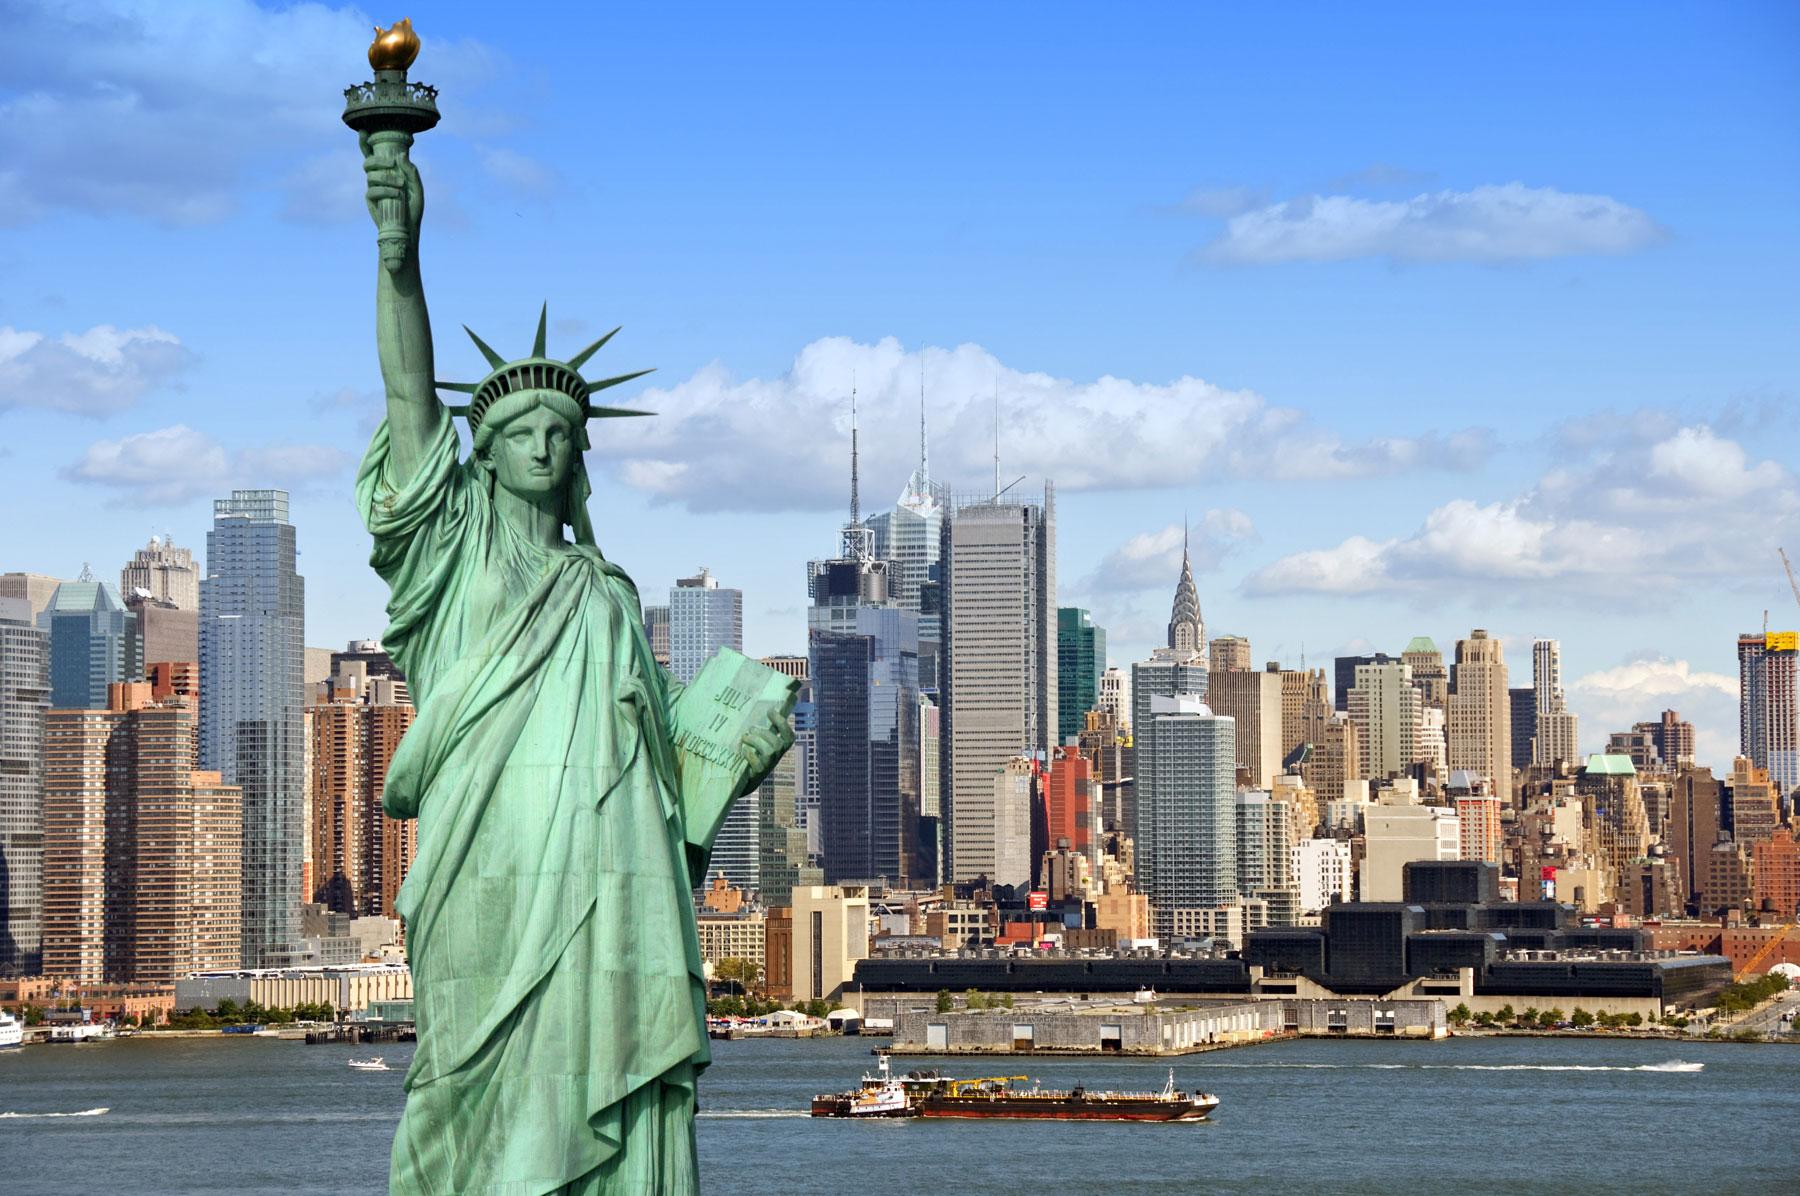 new york 1 タバコが日本円で1箱1050円(10.5ドル)に値上げ!ニューヨークで新たな条例が誕生!